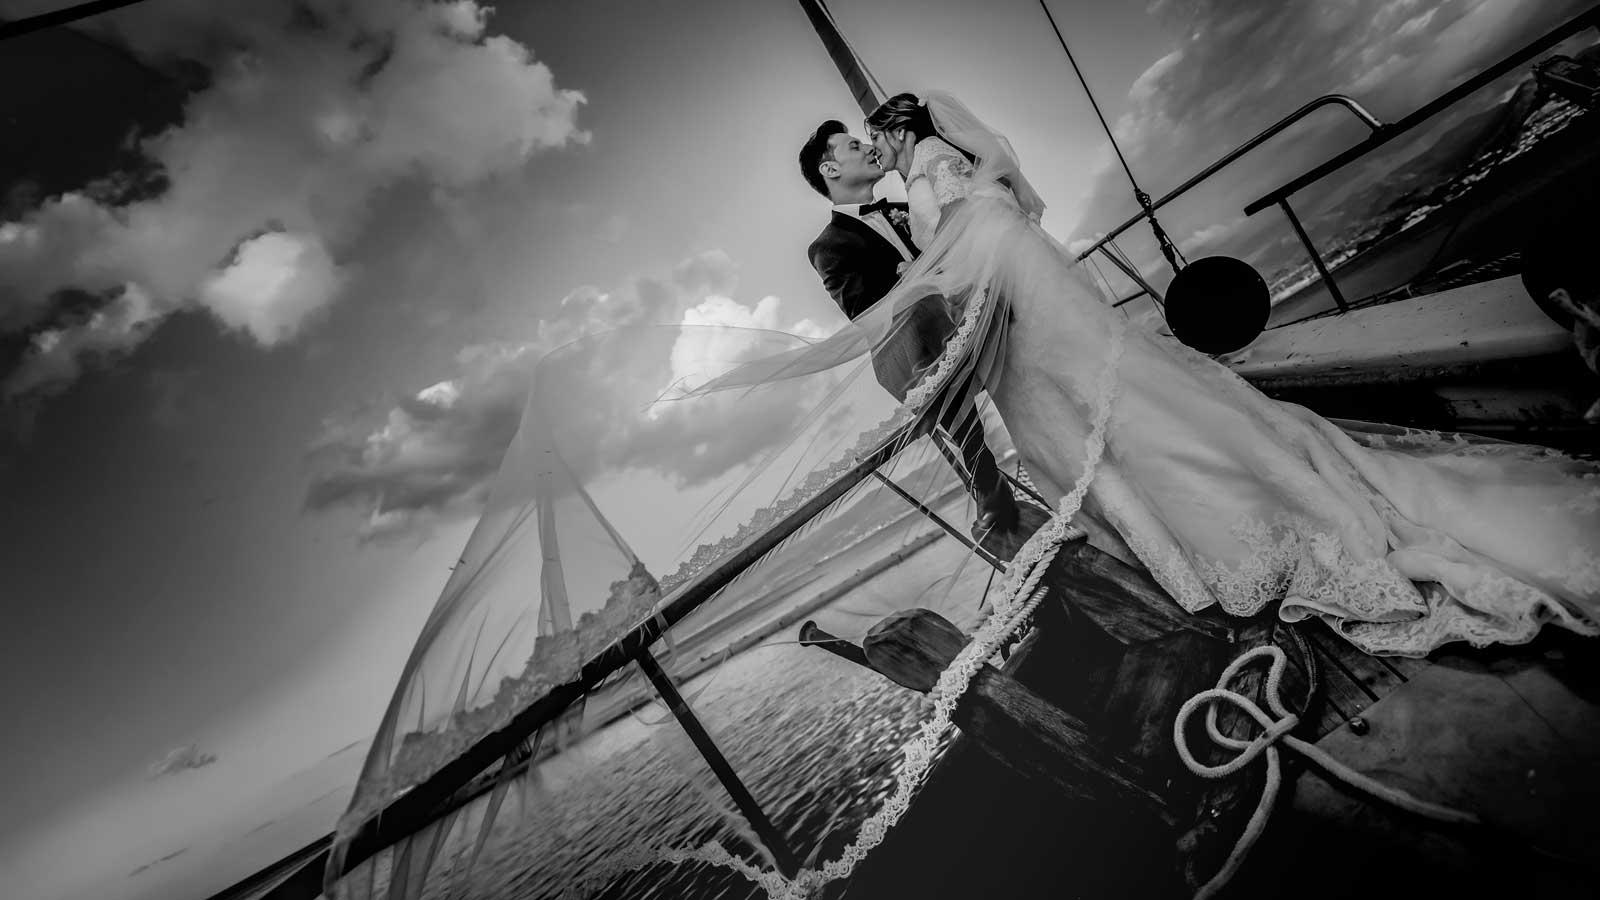 fotografo-matrimonio-taormina-sicilia-luxury-wedding-reportage-di-matrimonio-fotografo-messina-011